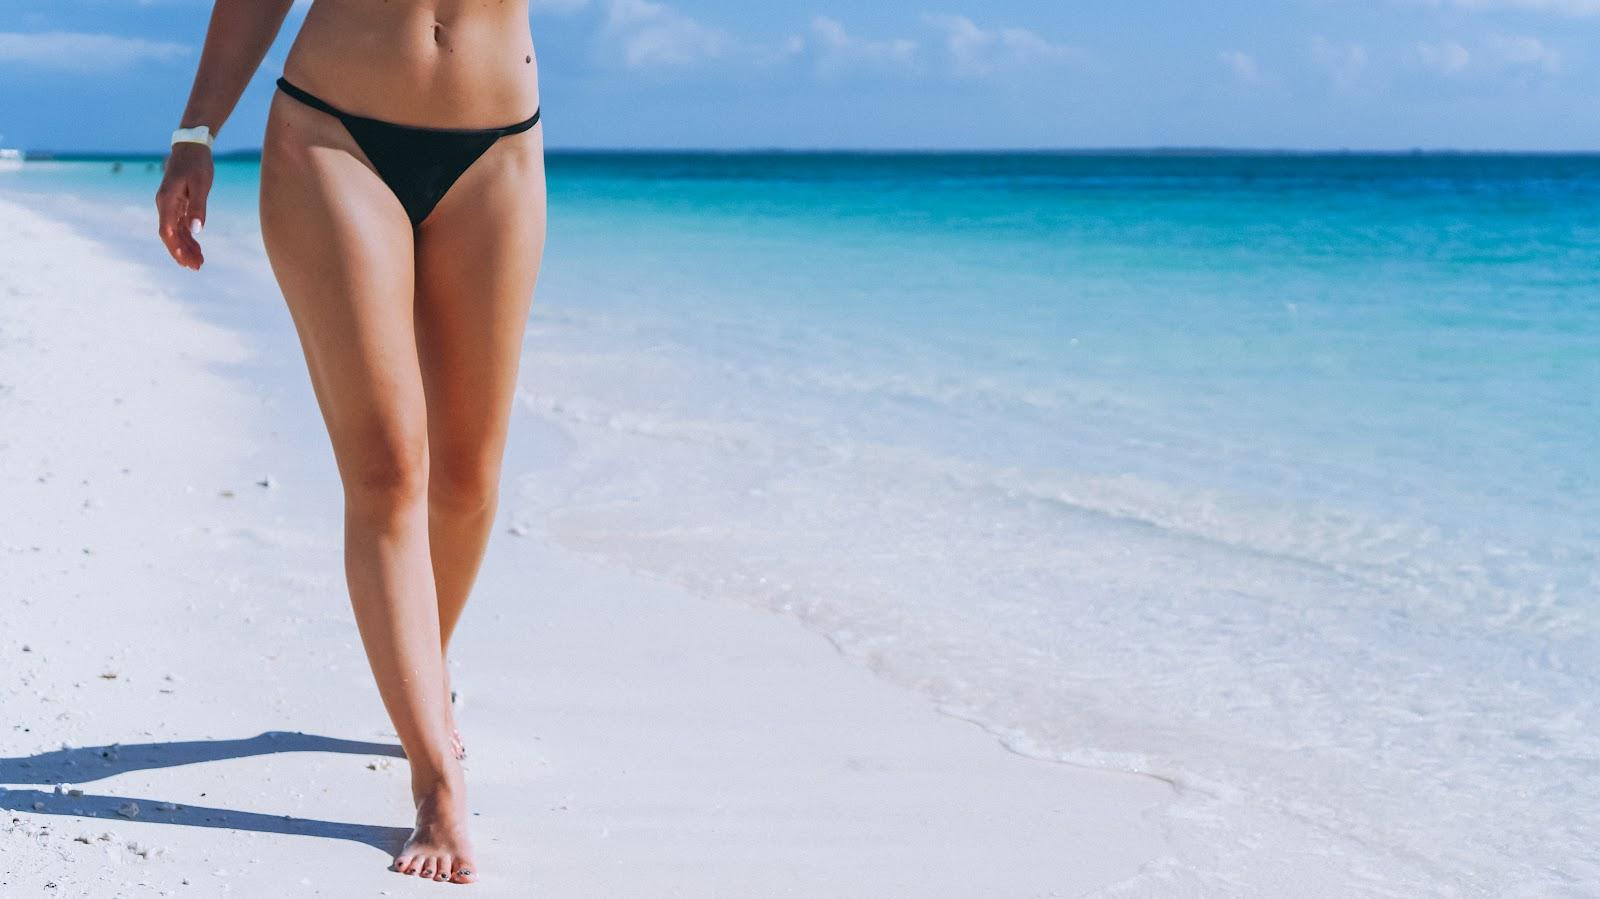 Nombre: Piernas femeninas. ALT: Las piernas es una de las zonas donde más se realiza la depilación con láser